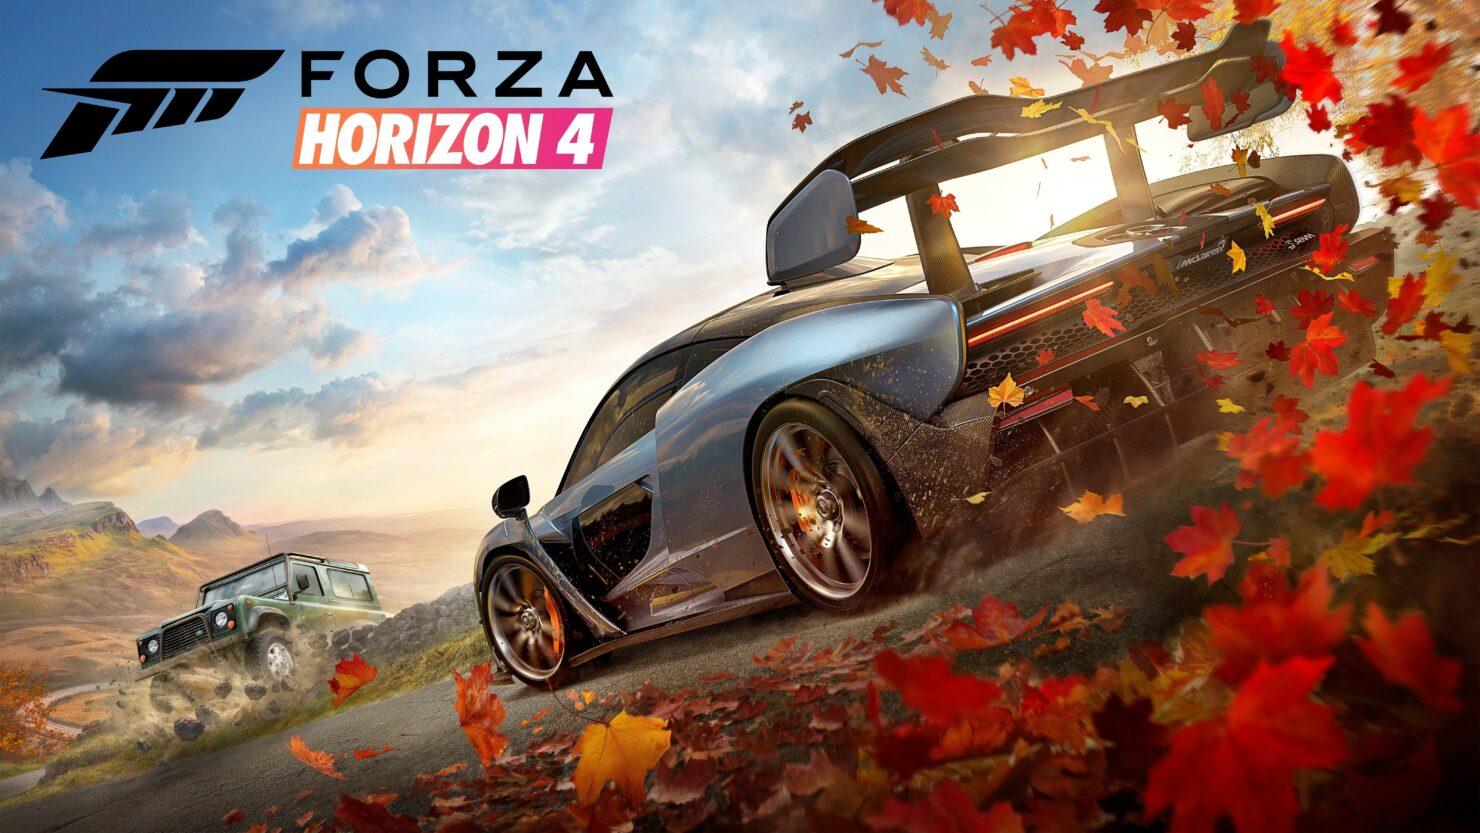 forza-horizon-4-small-horizontal-art-2